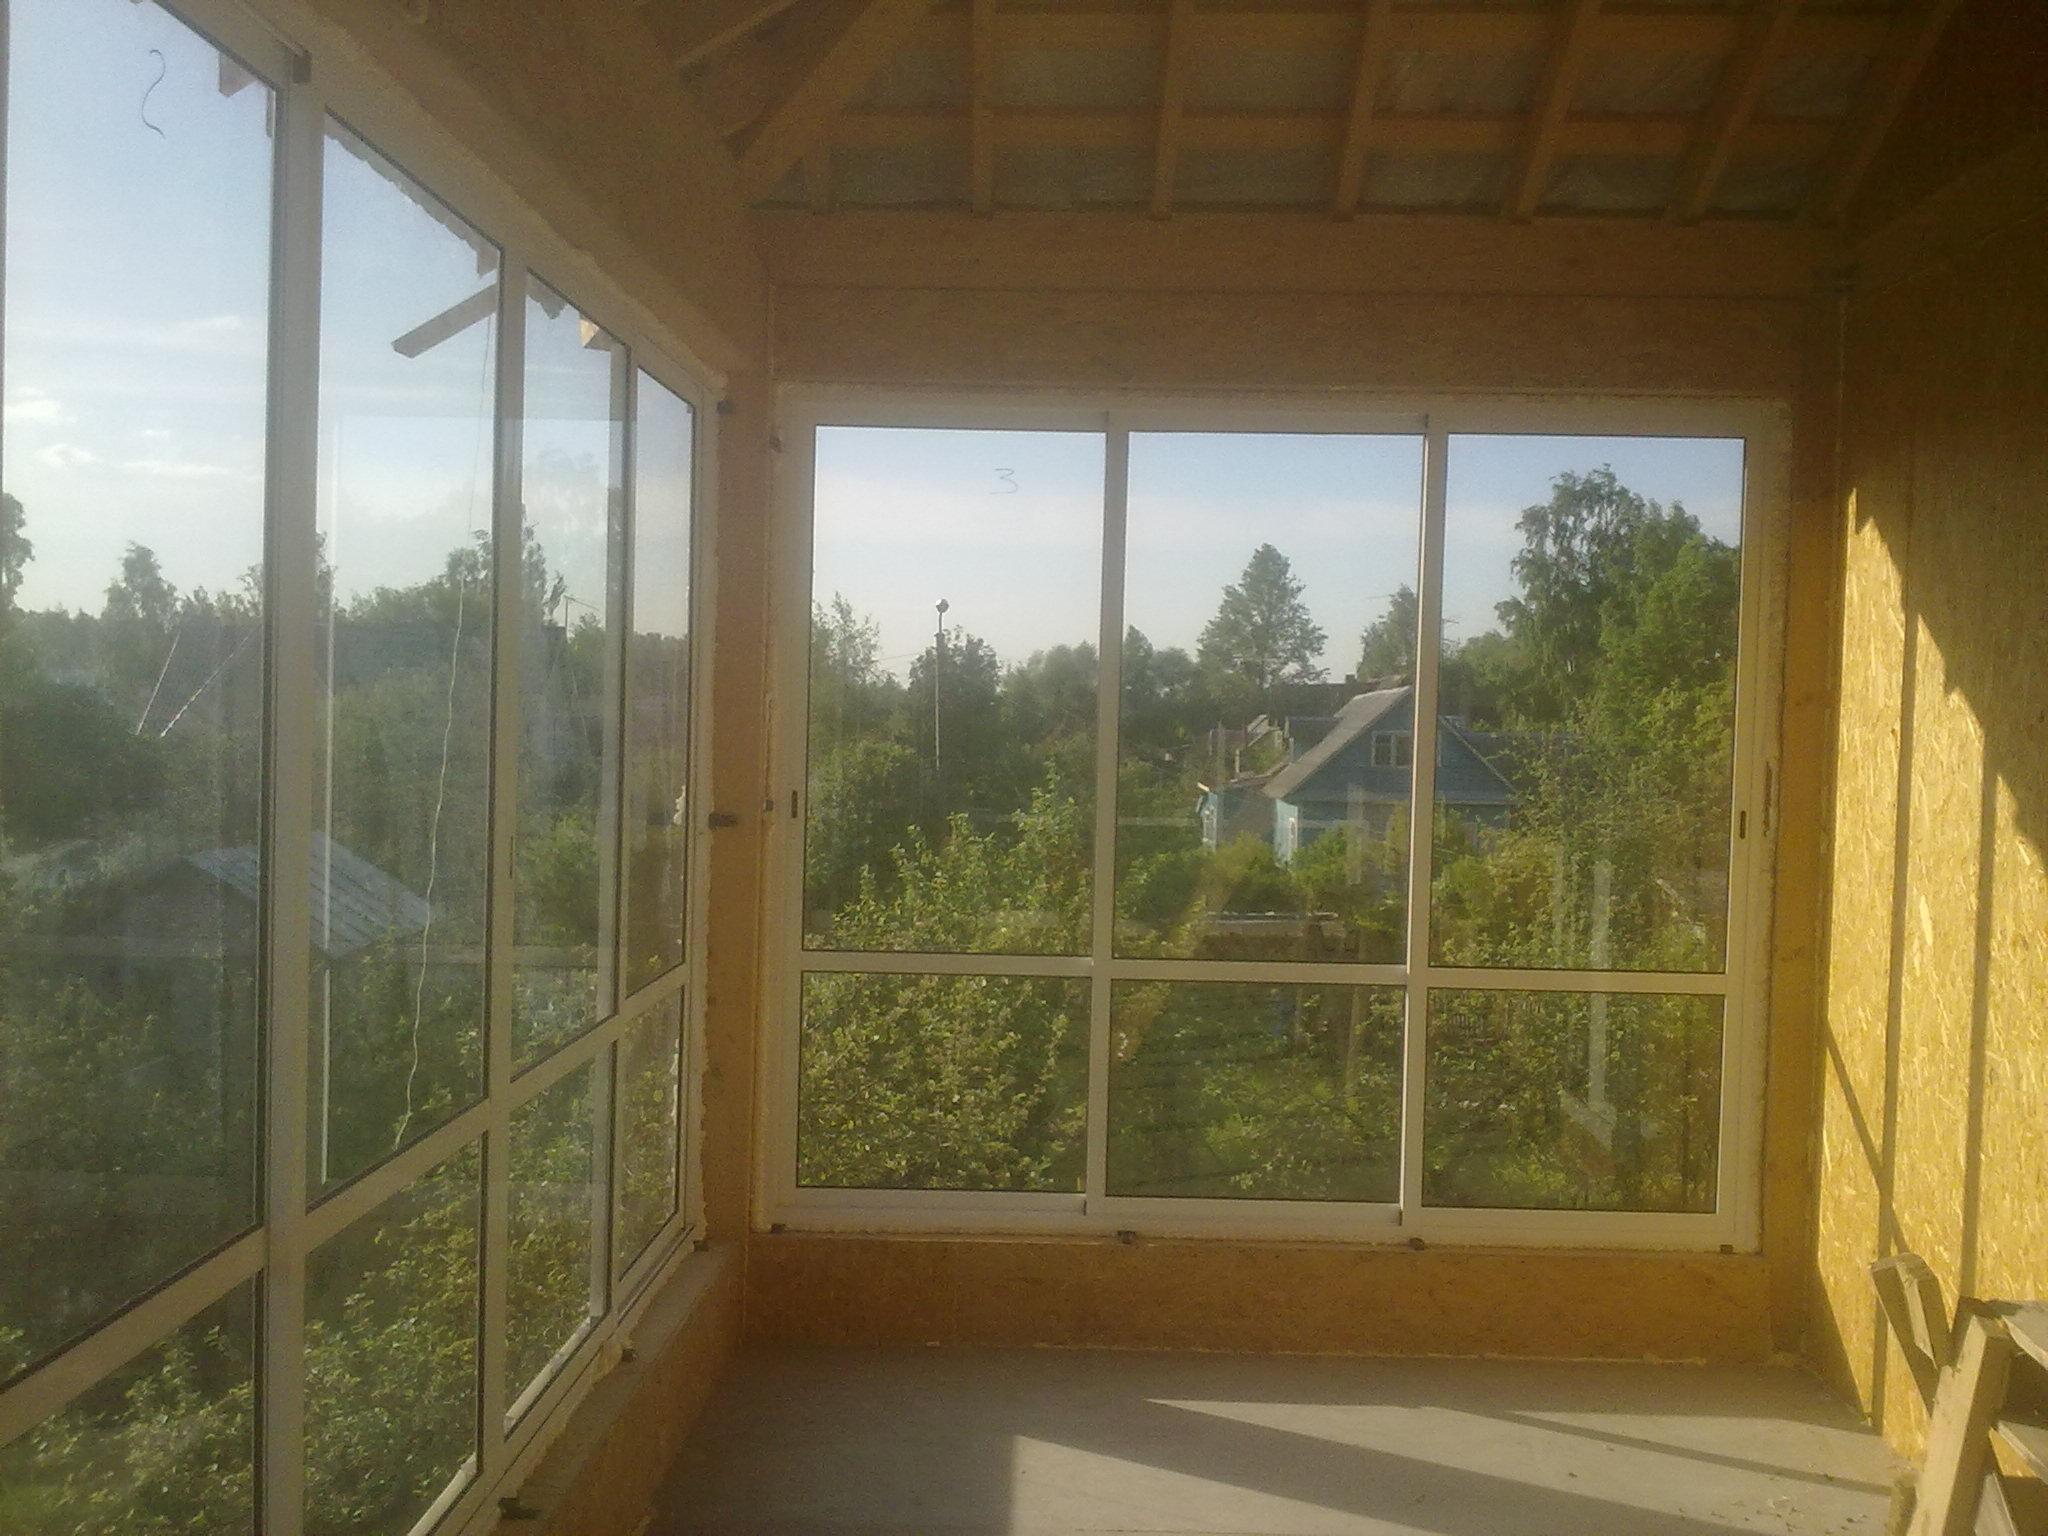 Панорамные окна больше напоминали рамы от дверей со вставленными стеклами